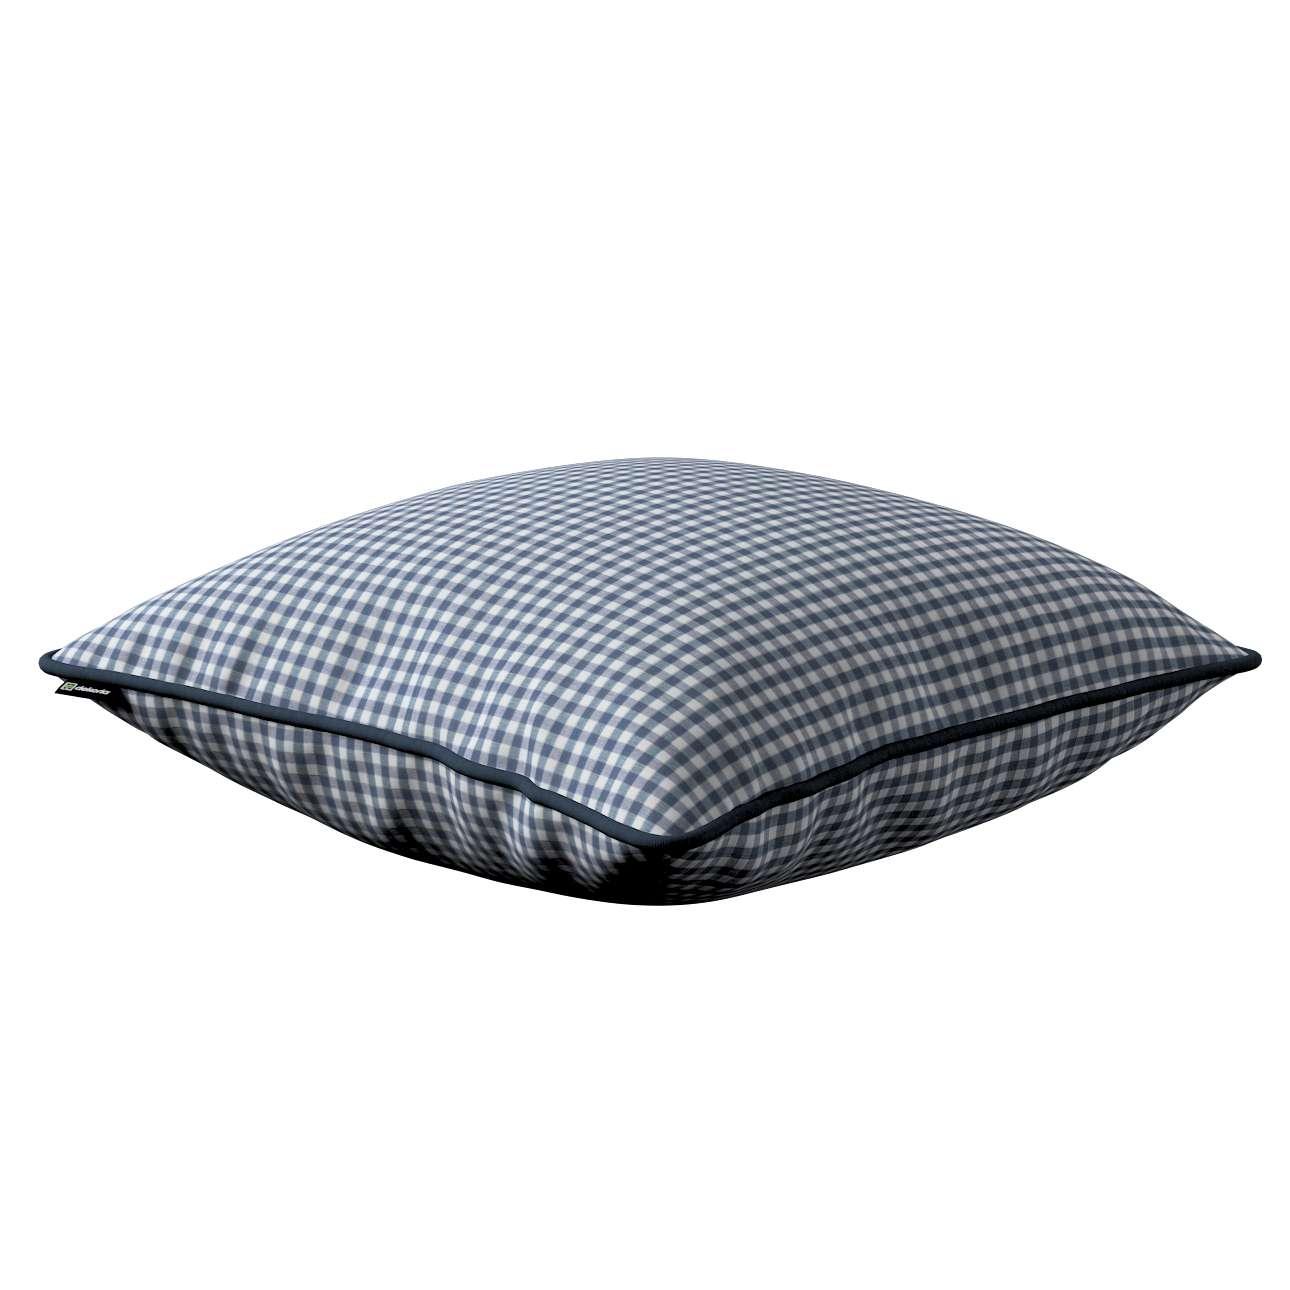 Poszewka Gabi na poduszkę 45 x 45 cm w kolekcji Quadro, tkanina: 136-00